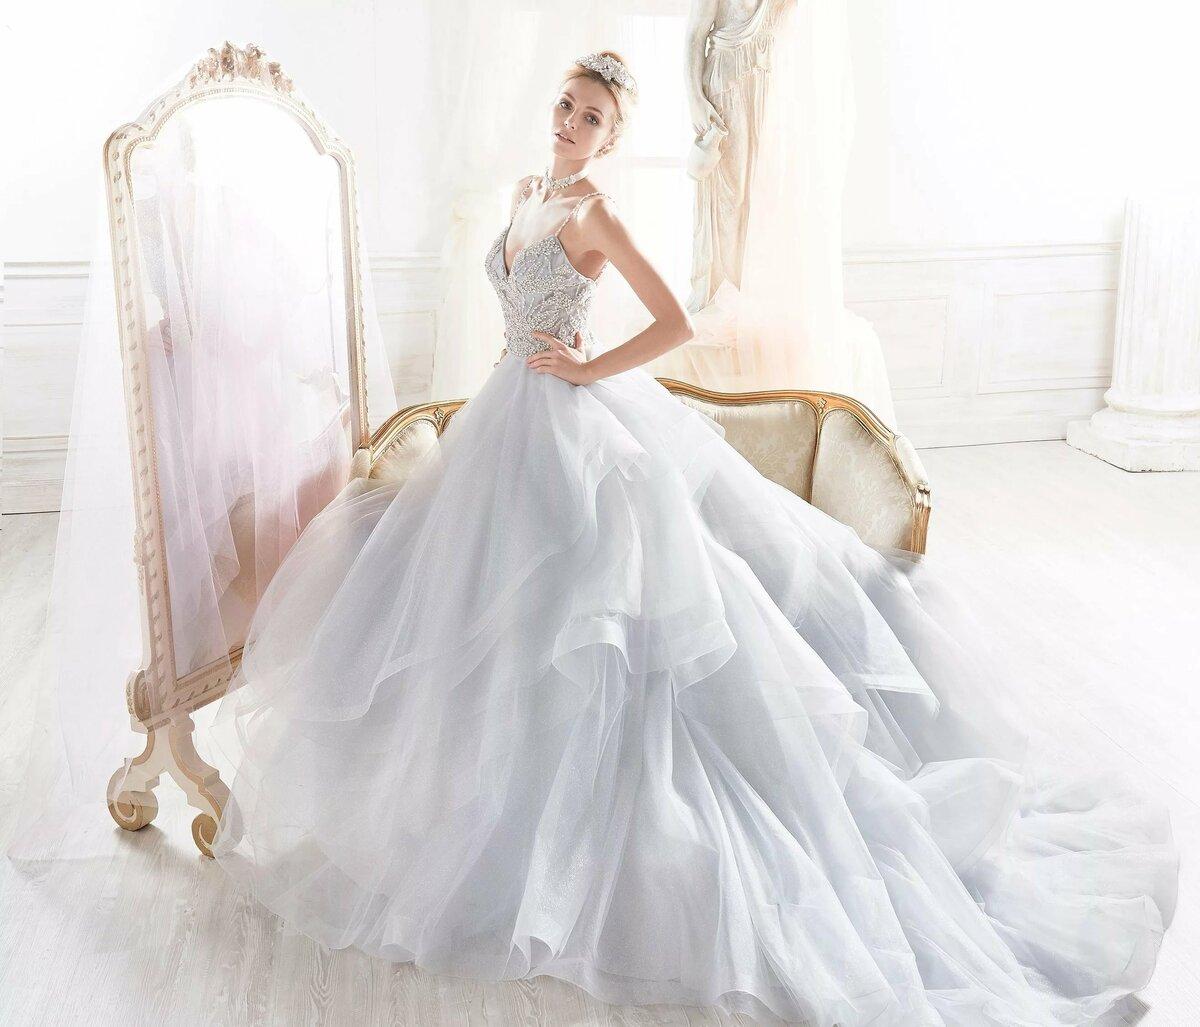 красивые картинки свадебные наряды заказ можно через